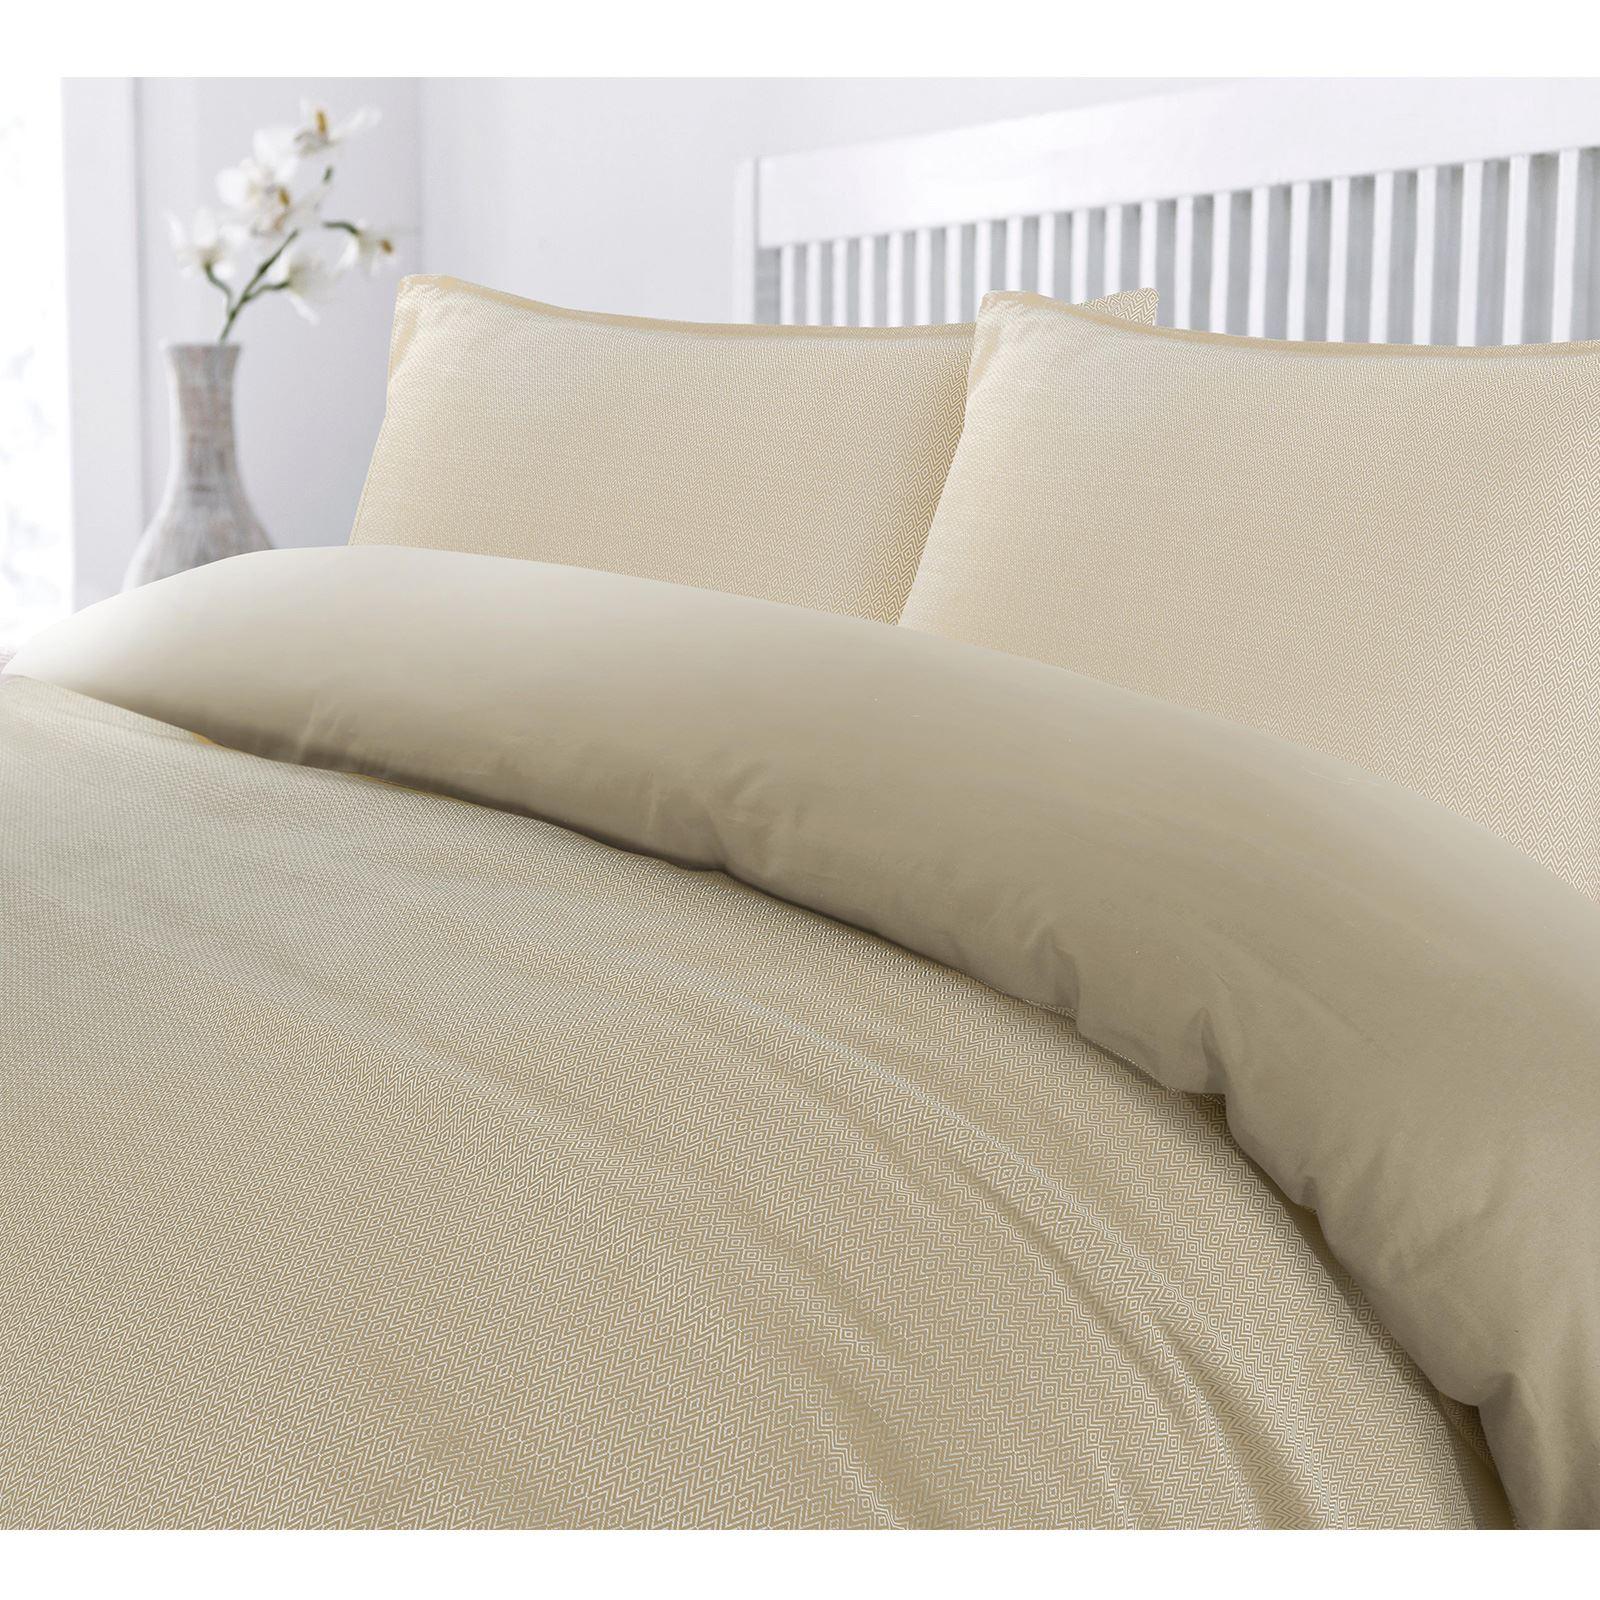 Diamond-yarn-tenido-de-tejido-de-primera-calidad-100-algodon-acolchado-funda-nordica-conjunto-de miniatura 3